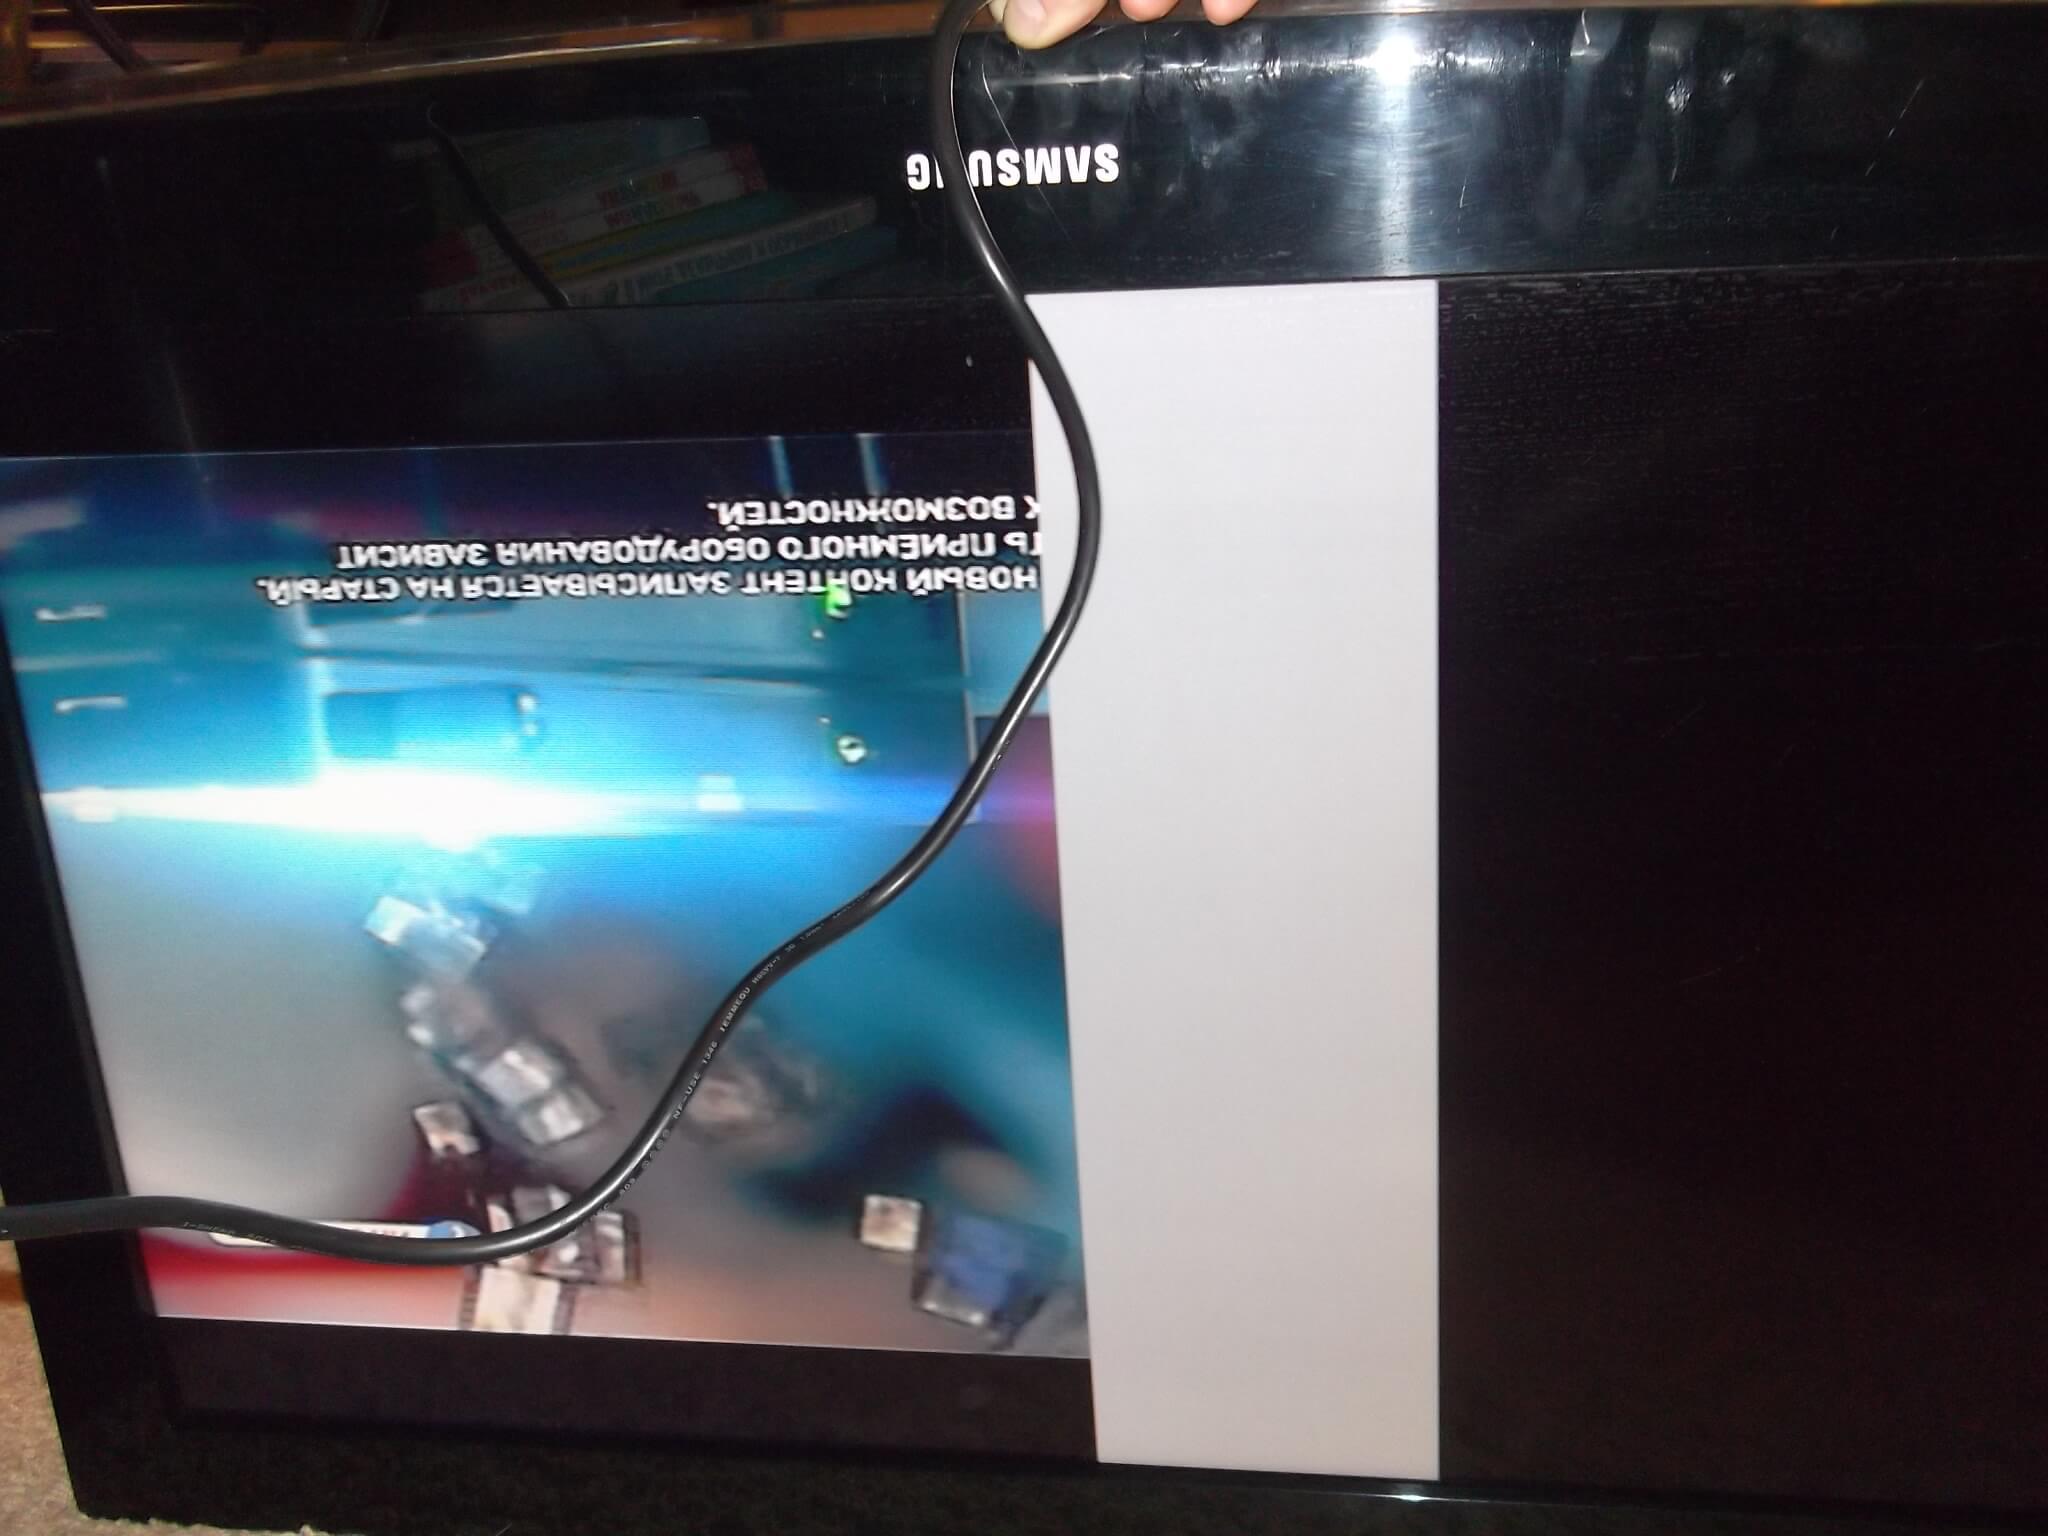 телевизоры samsung ue19d4003bw инструкция по эксплуатации